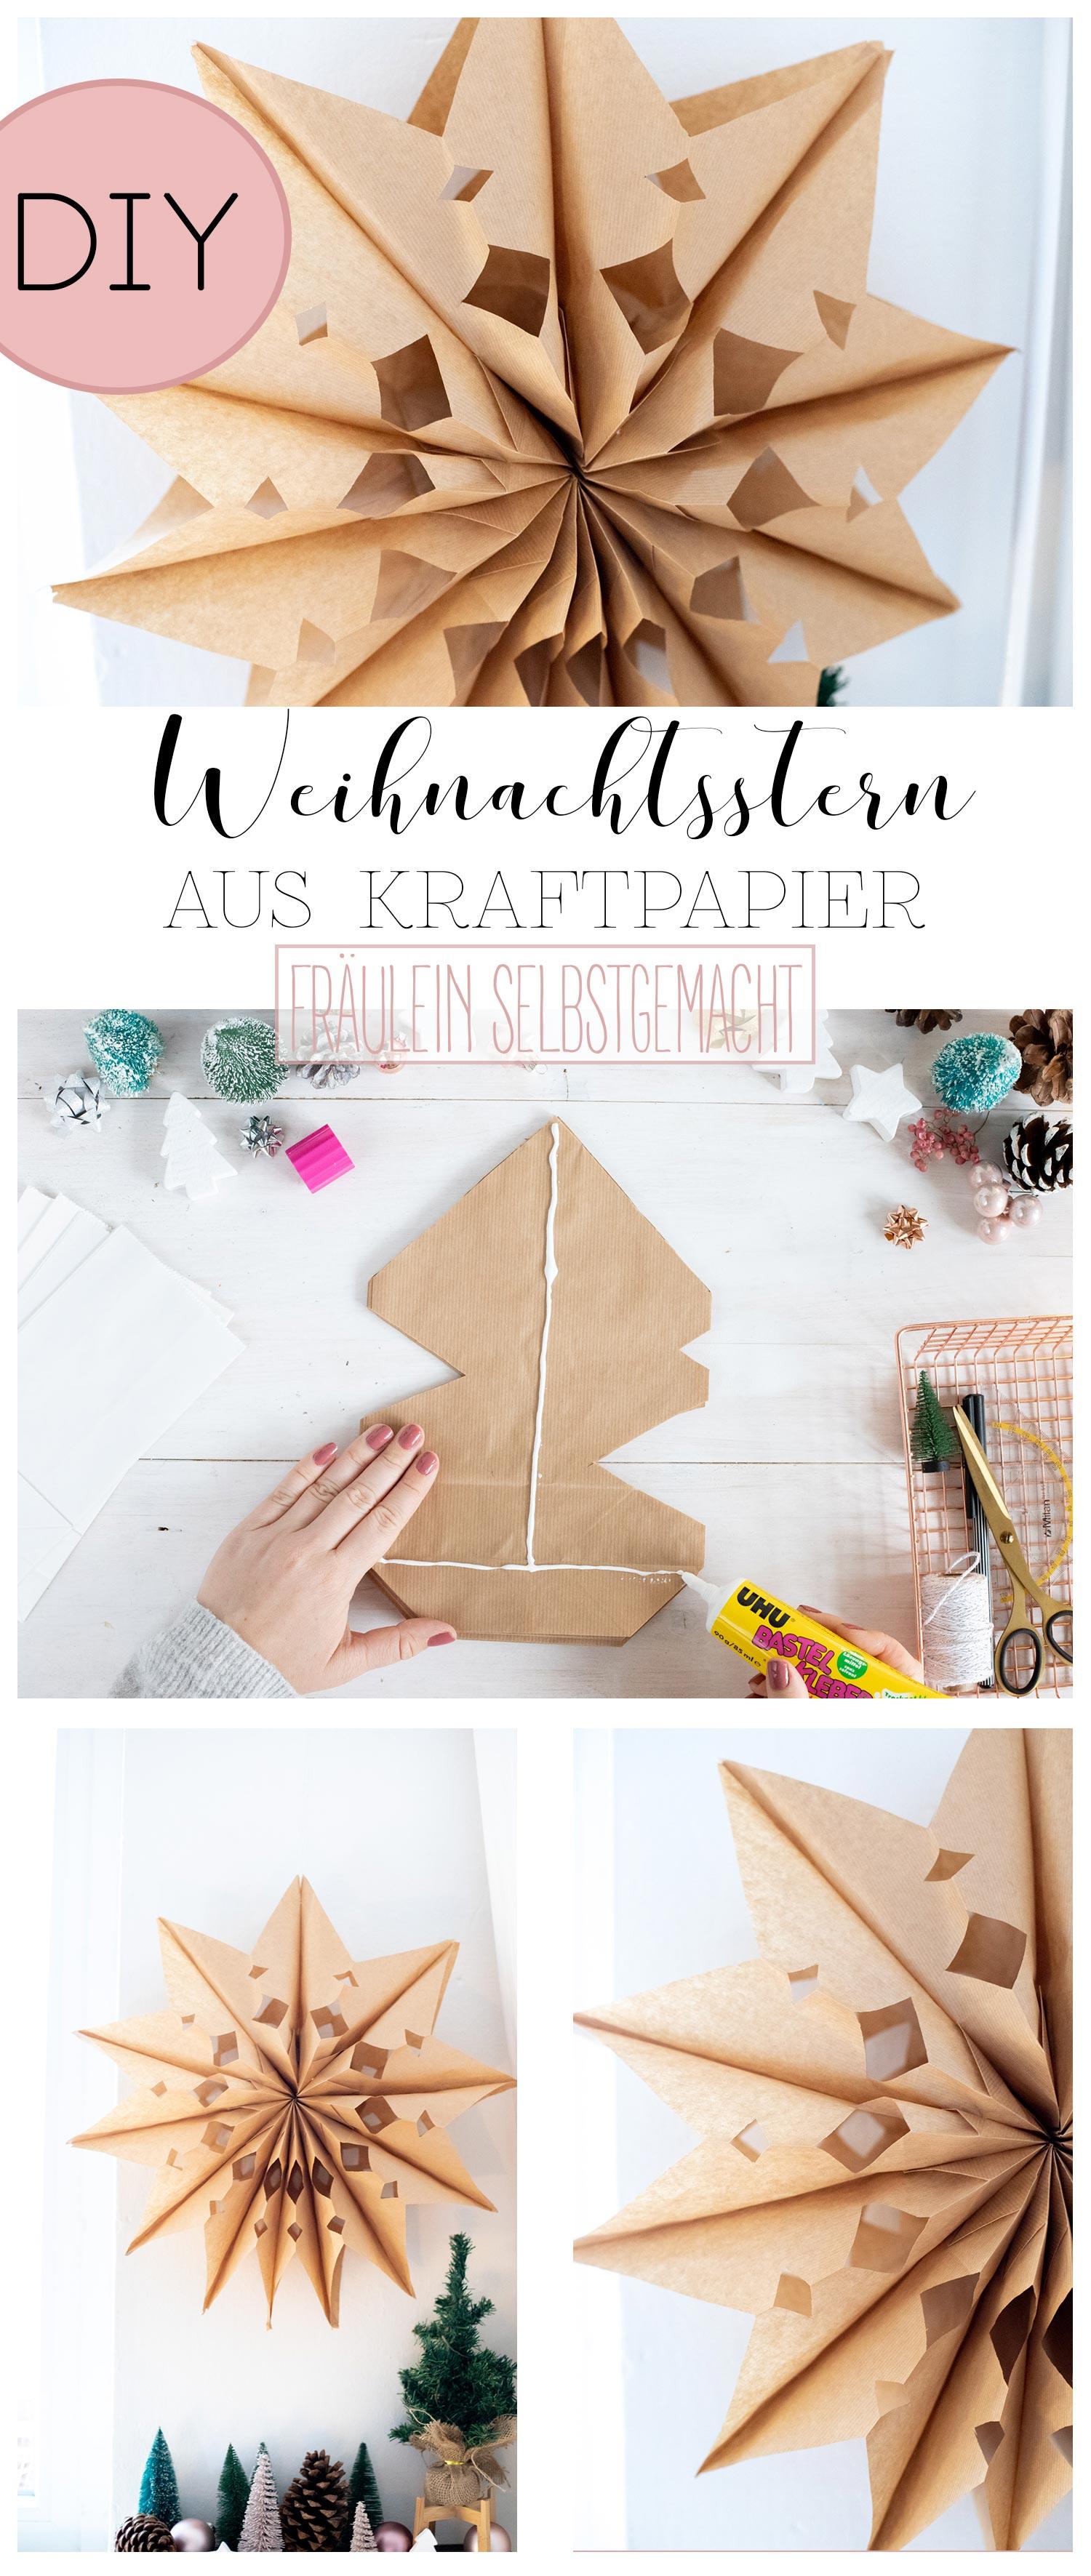 Weihnachtsstern_aus_Kraftpapier